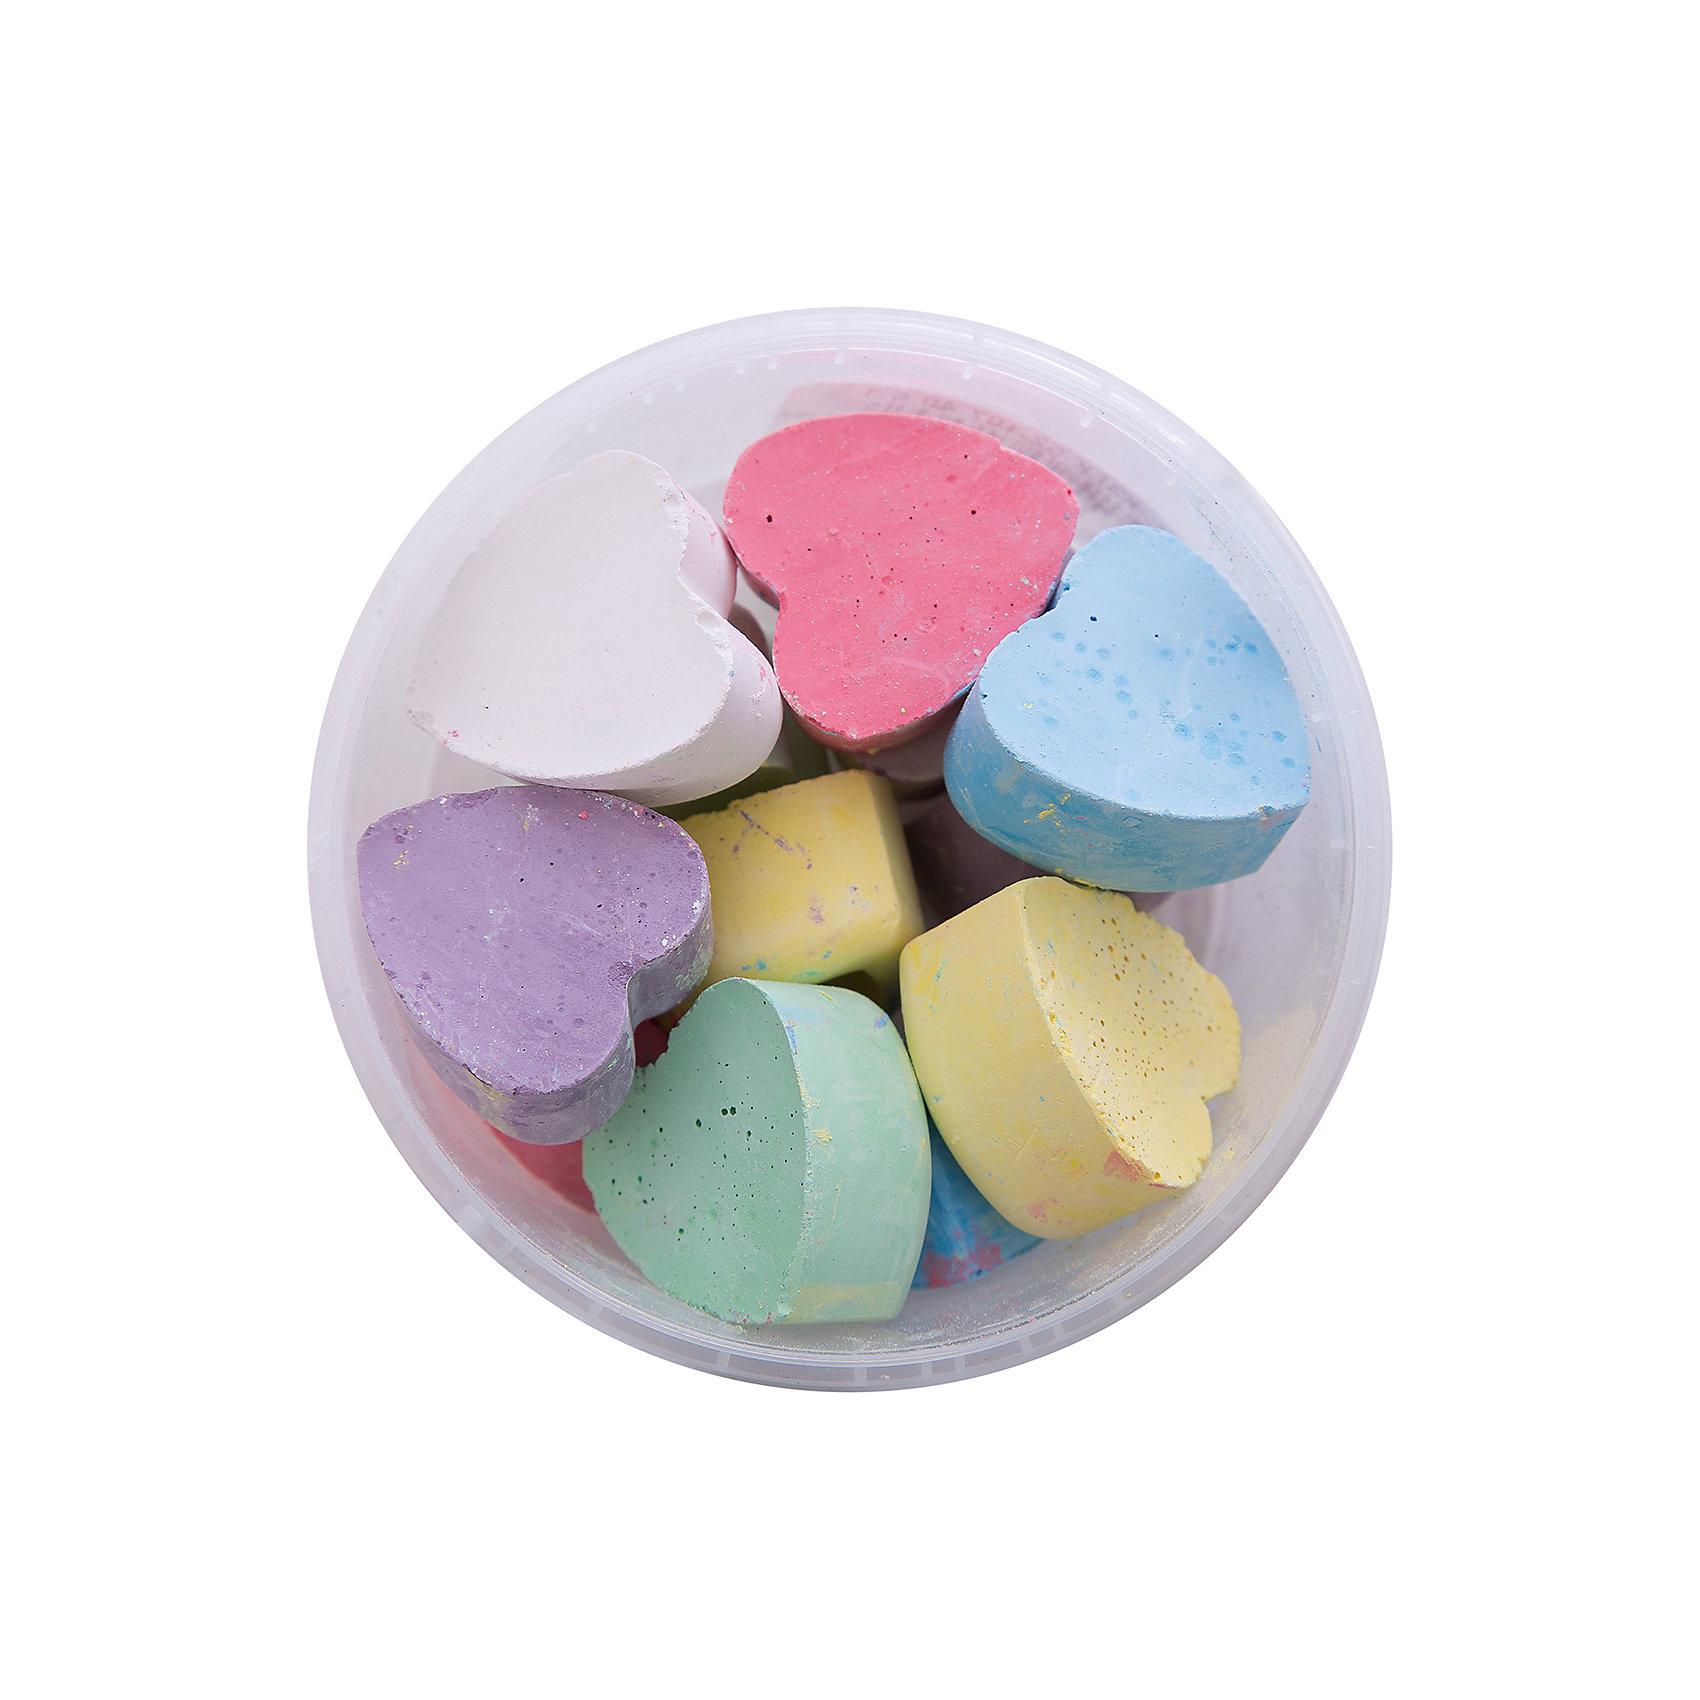 Мелки асфальтовые цветные в ведерке СердцаМелки для асфальта<br>Мелки асфальтовые цветные в ведерке Сердца.<br><br>Характеристики:<br><br>• В наборе: 12 разноцветных мелков<br>• Упаковка: пластиковое ведерко<br>• Размер упаковки: 10х10х6,5 см.<br>• Вес в упаковке: 270 гр.<br><br>Мелки асфальтные цветные в ведерке Сердца – помогут юным художникам преобразить мир вокруг. Мелки пригодятся для игры в классики, помогут создать огромные картины на асфальте и прекрасные рисунки на доске дома, в школе или в детском саду. Мелки выполнены в форме сердечек, что привлечет внимание ребенка и будет стимулировать интерес к рисованию. <br><br>Мелки имеют яркие насыщенные цвета, легко наносятся, так что рисовать ими - одно удовольствие! Мелки упакованы в пластиковое ведро, в котором их удобно брать с собой на прогулку и хранить. Рисование мелками развивает не только моторику рук, но и стимулирует творческое воображение, фантазию, цветовосприятие. Мелки безопасны при использовании по назначению.<br><br>Мелки асфальтовые цветные в ведерке Сердца можно купить в нашем интернет-магазине.<br><br>Ширина мм: 100<br>Глубина мм: 100<br>Высота мм: 65<br>Вес г: 265<br>Возраст от месяцев: 36<br>Возраст до месяцев: 2147483647<br>Пол: Унисекс<br>Возраст: Детский<br>SKU: 5482097